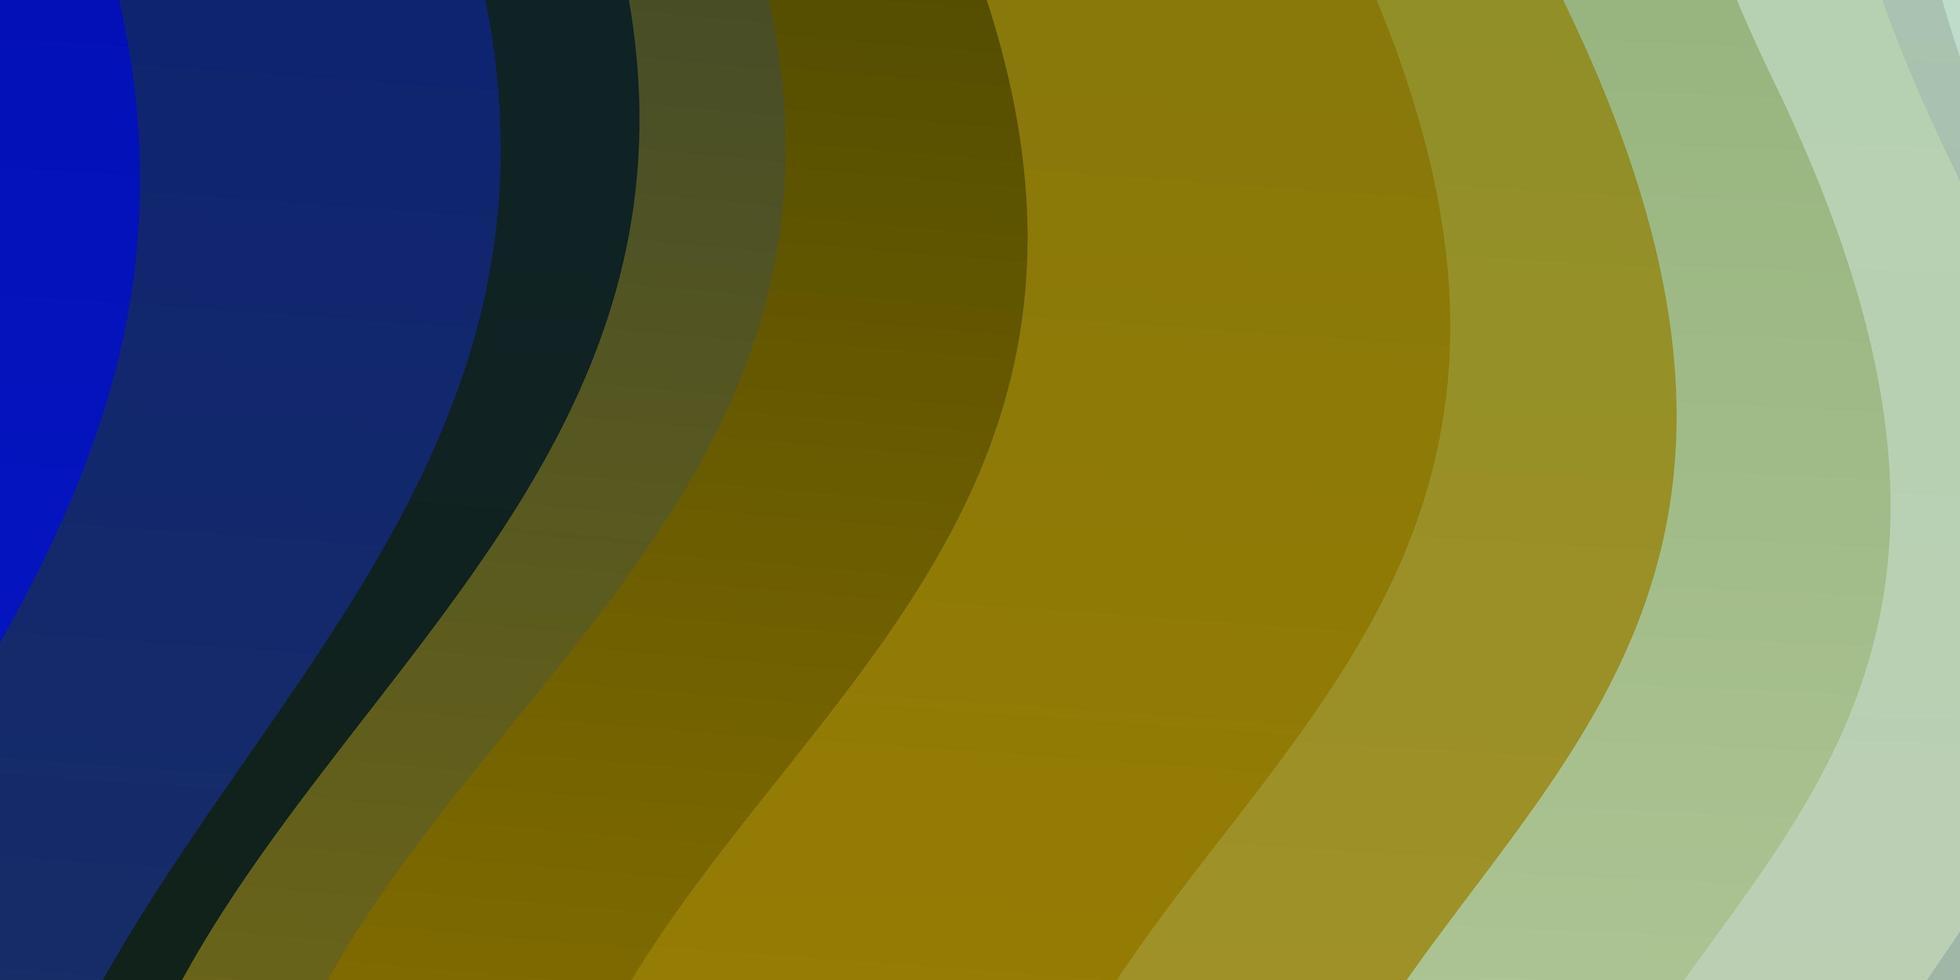 fond bleu clair, jaune avec des lignes. vecteur